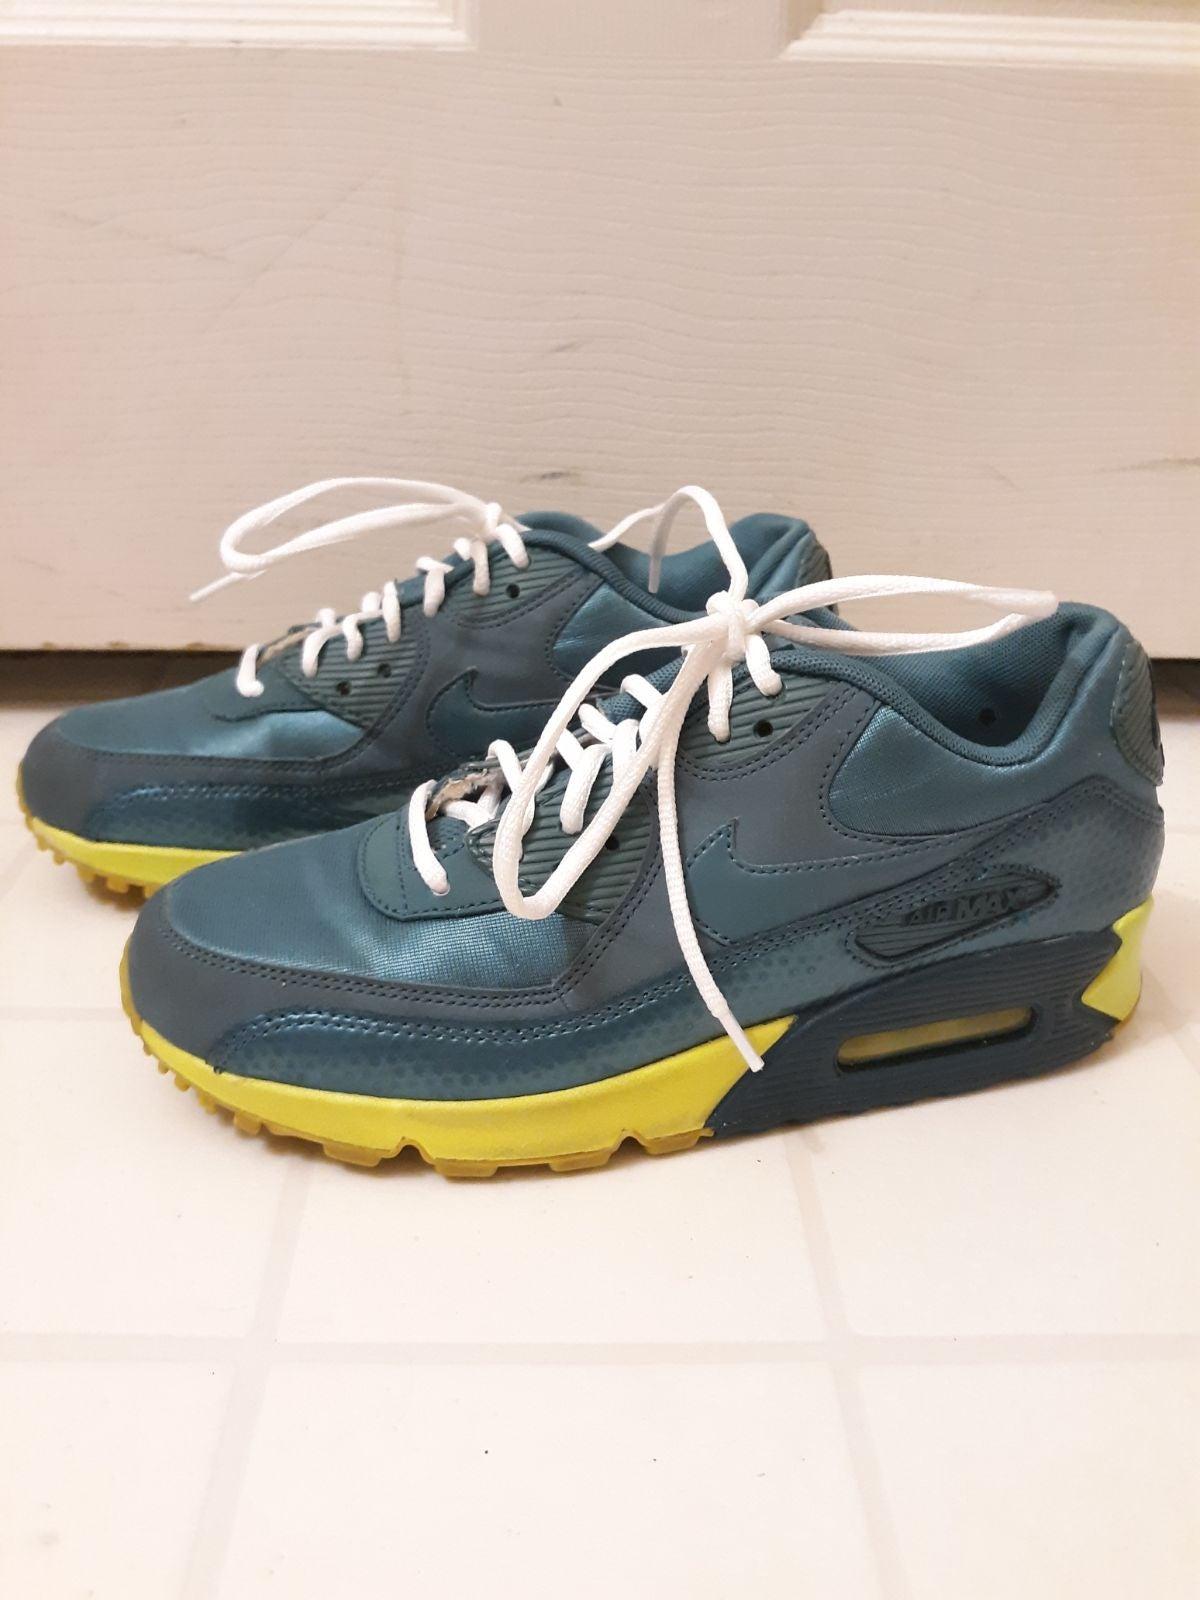 Nike Air Max 90 Mineral Teal Volt womens